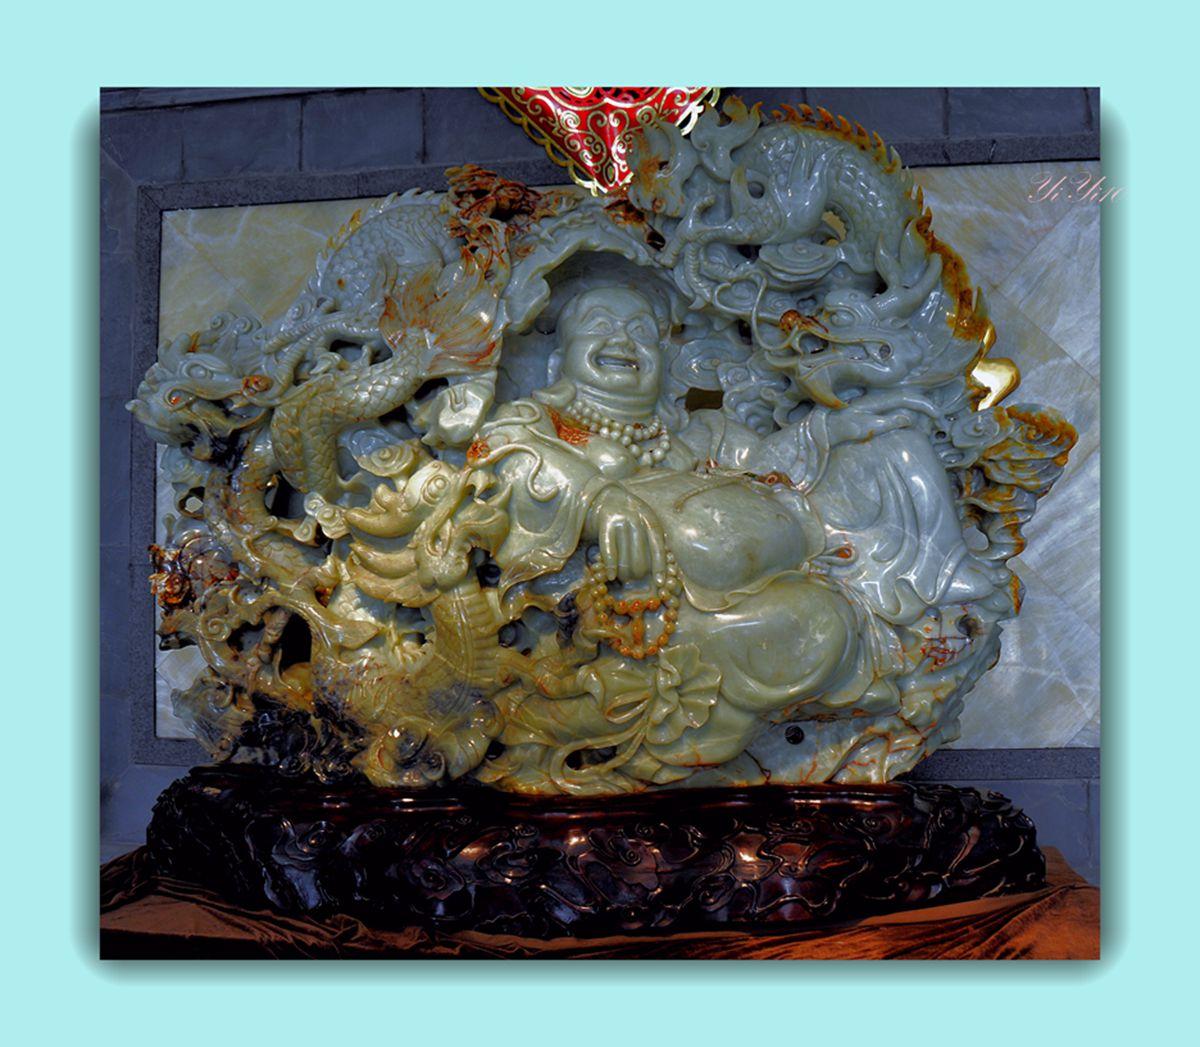 【原创】玉石雕刻(摄影)_图1-5